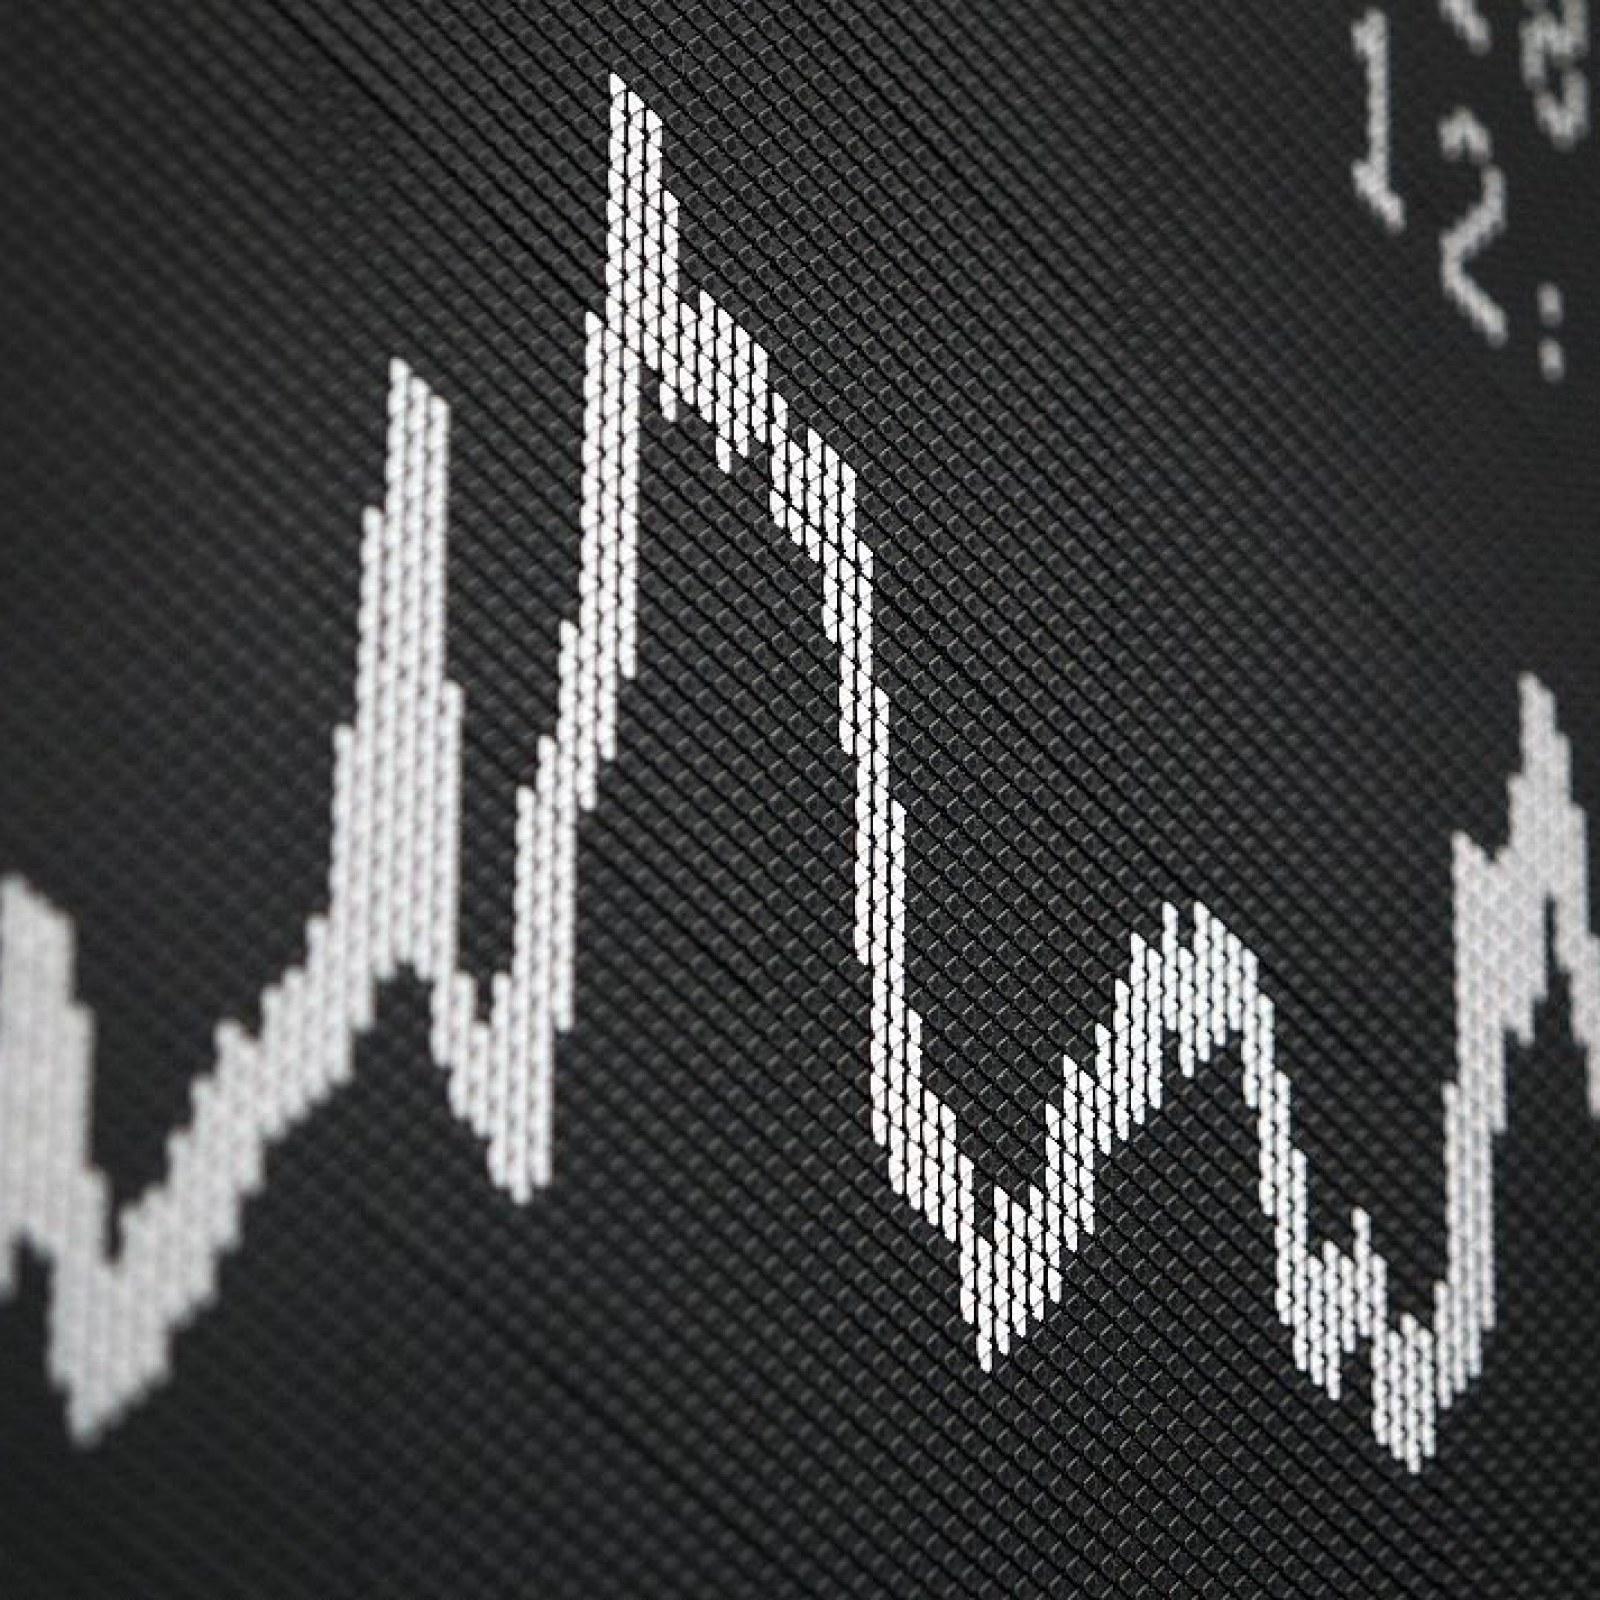 Le migliori app per monitorare il valore delle criptovalute